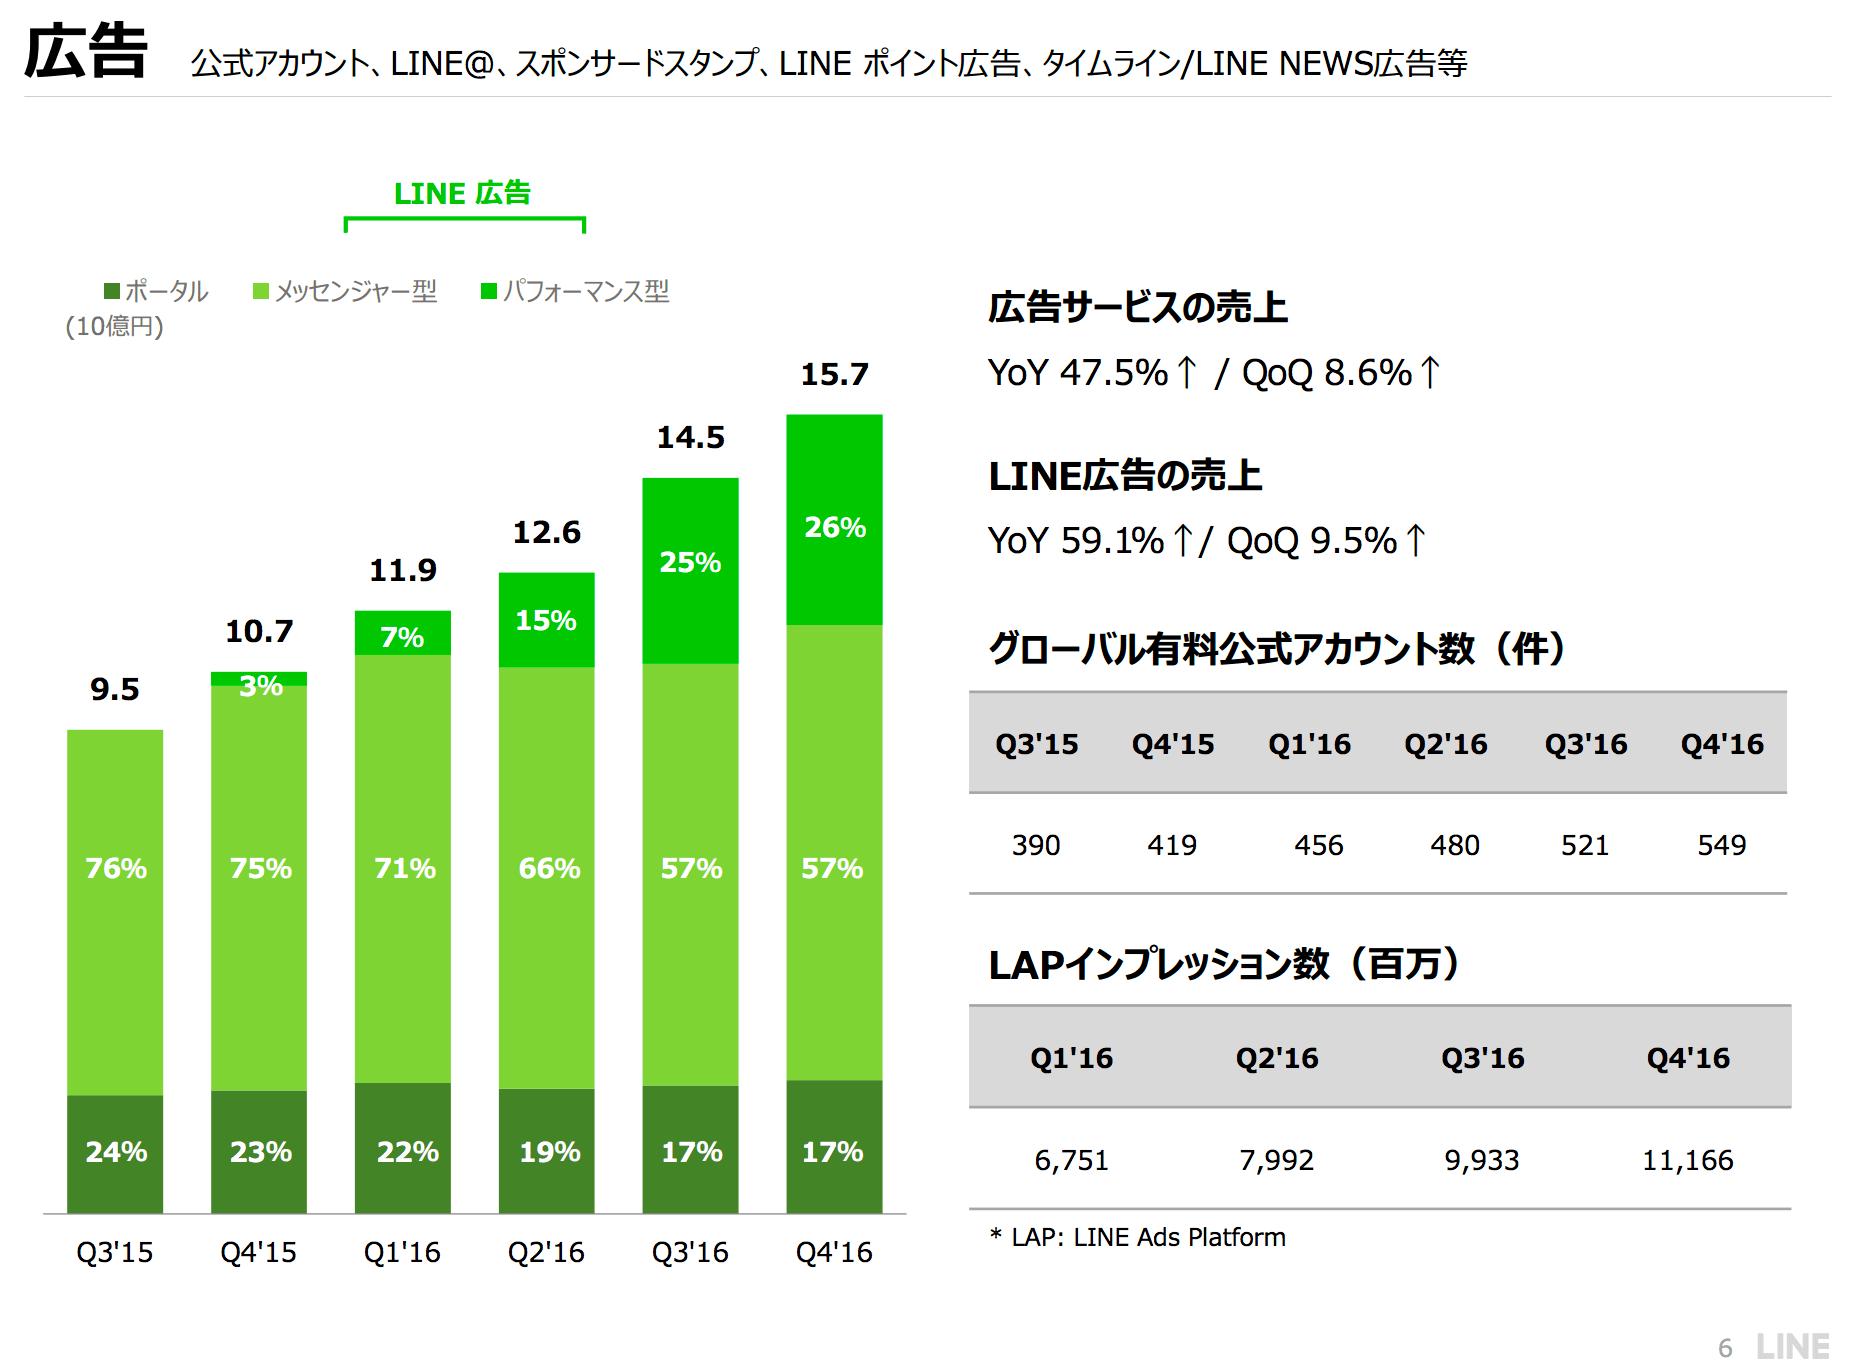 LINE広告売上推移比率2016年12月末